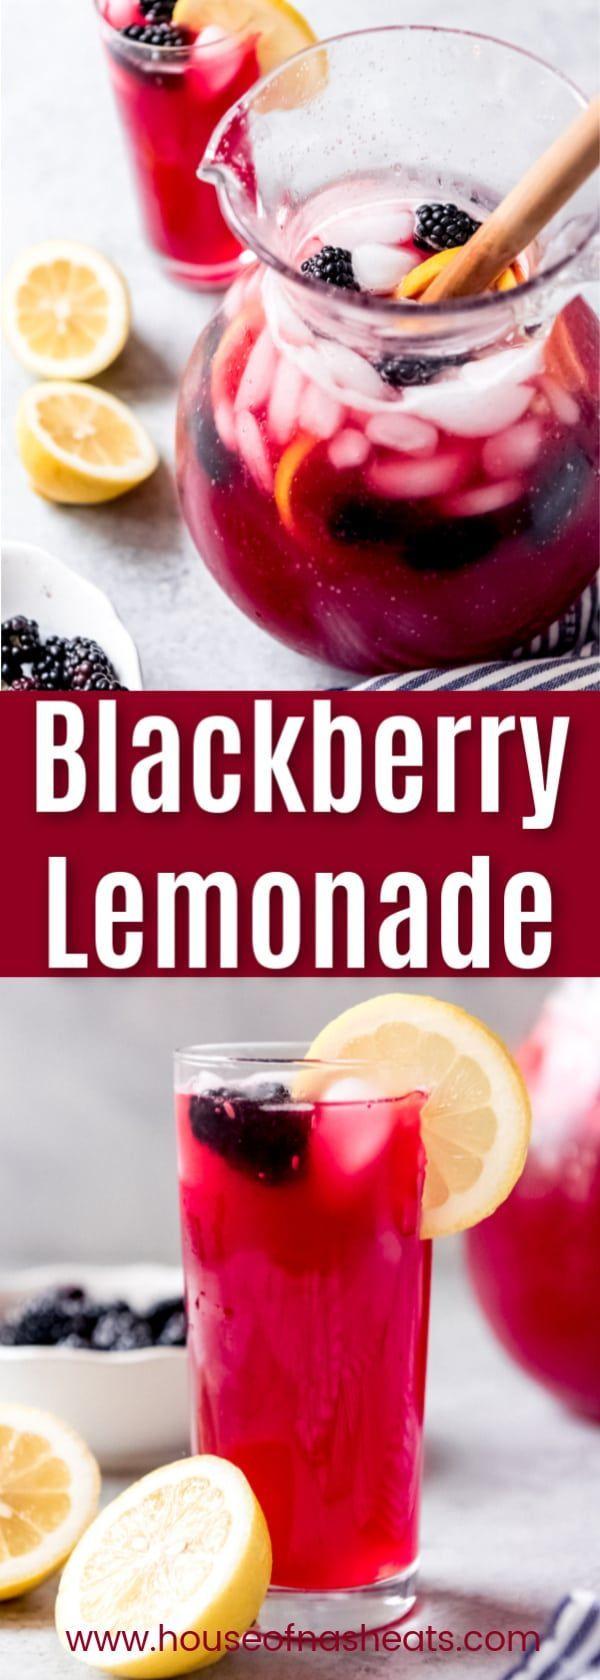 Homemade Blackberry Lemonade #nonalcoholicsummerdrinks